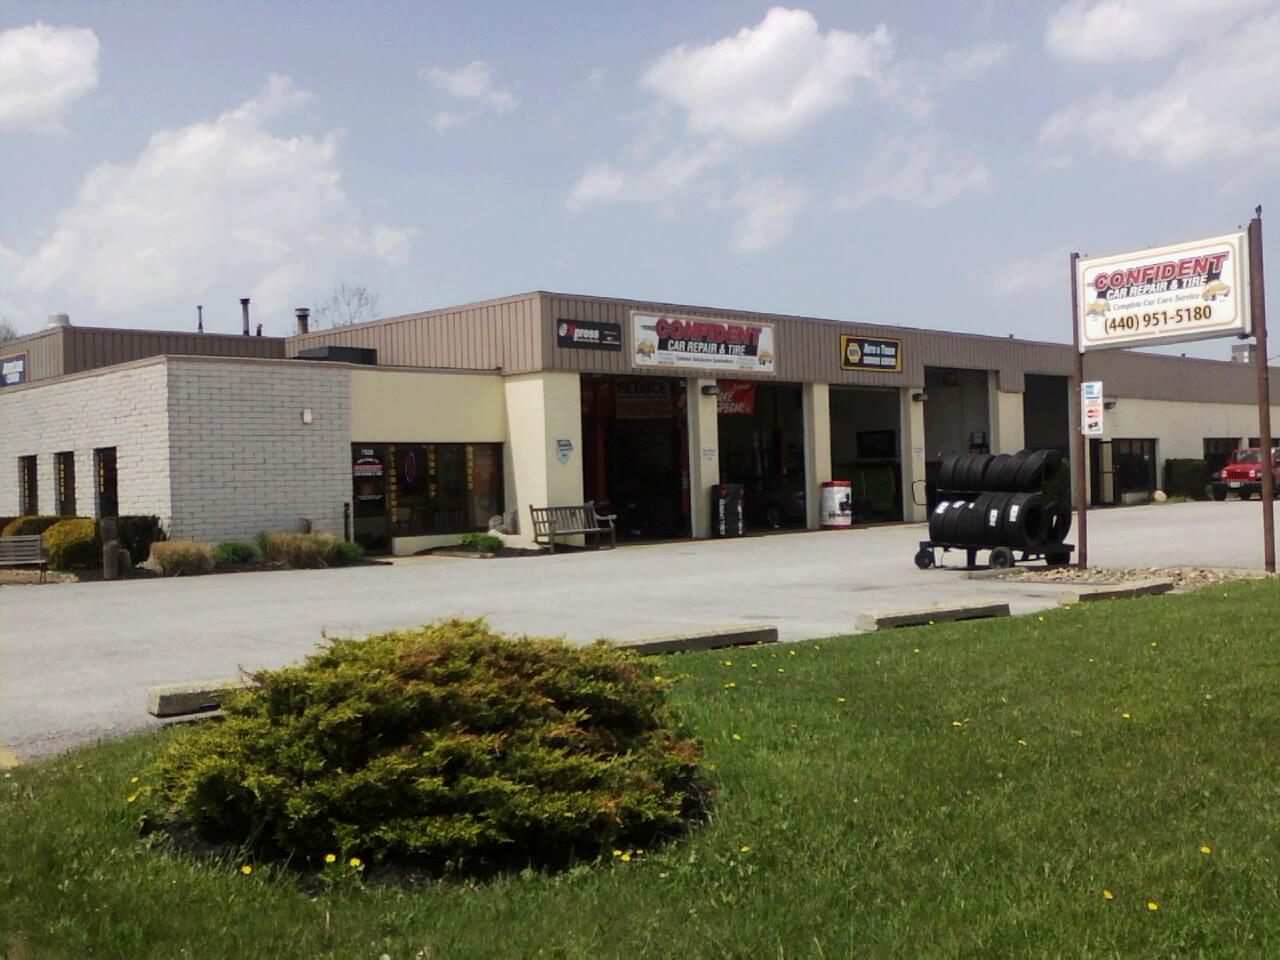 Confident Car Repair & Tire, Inc. Mentor